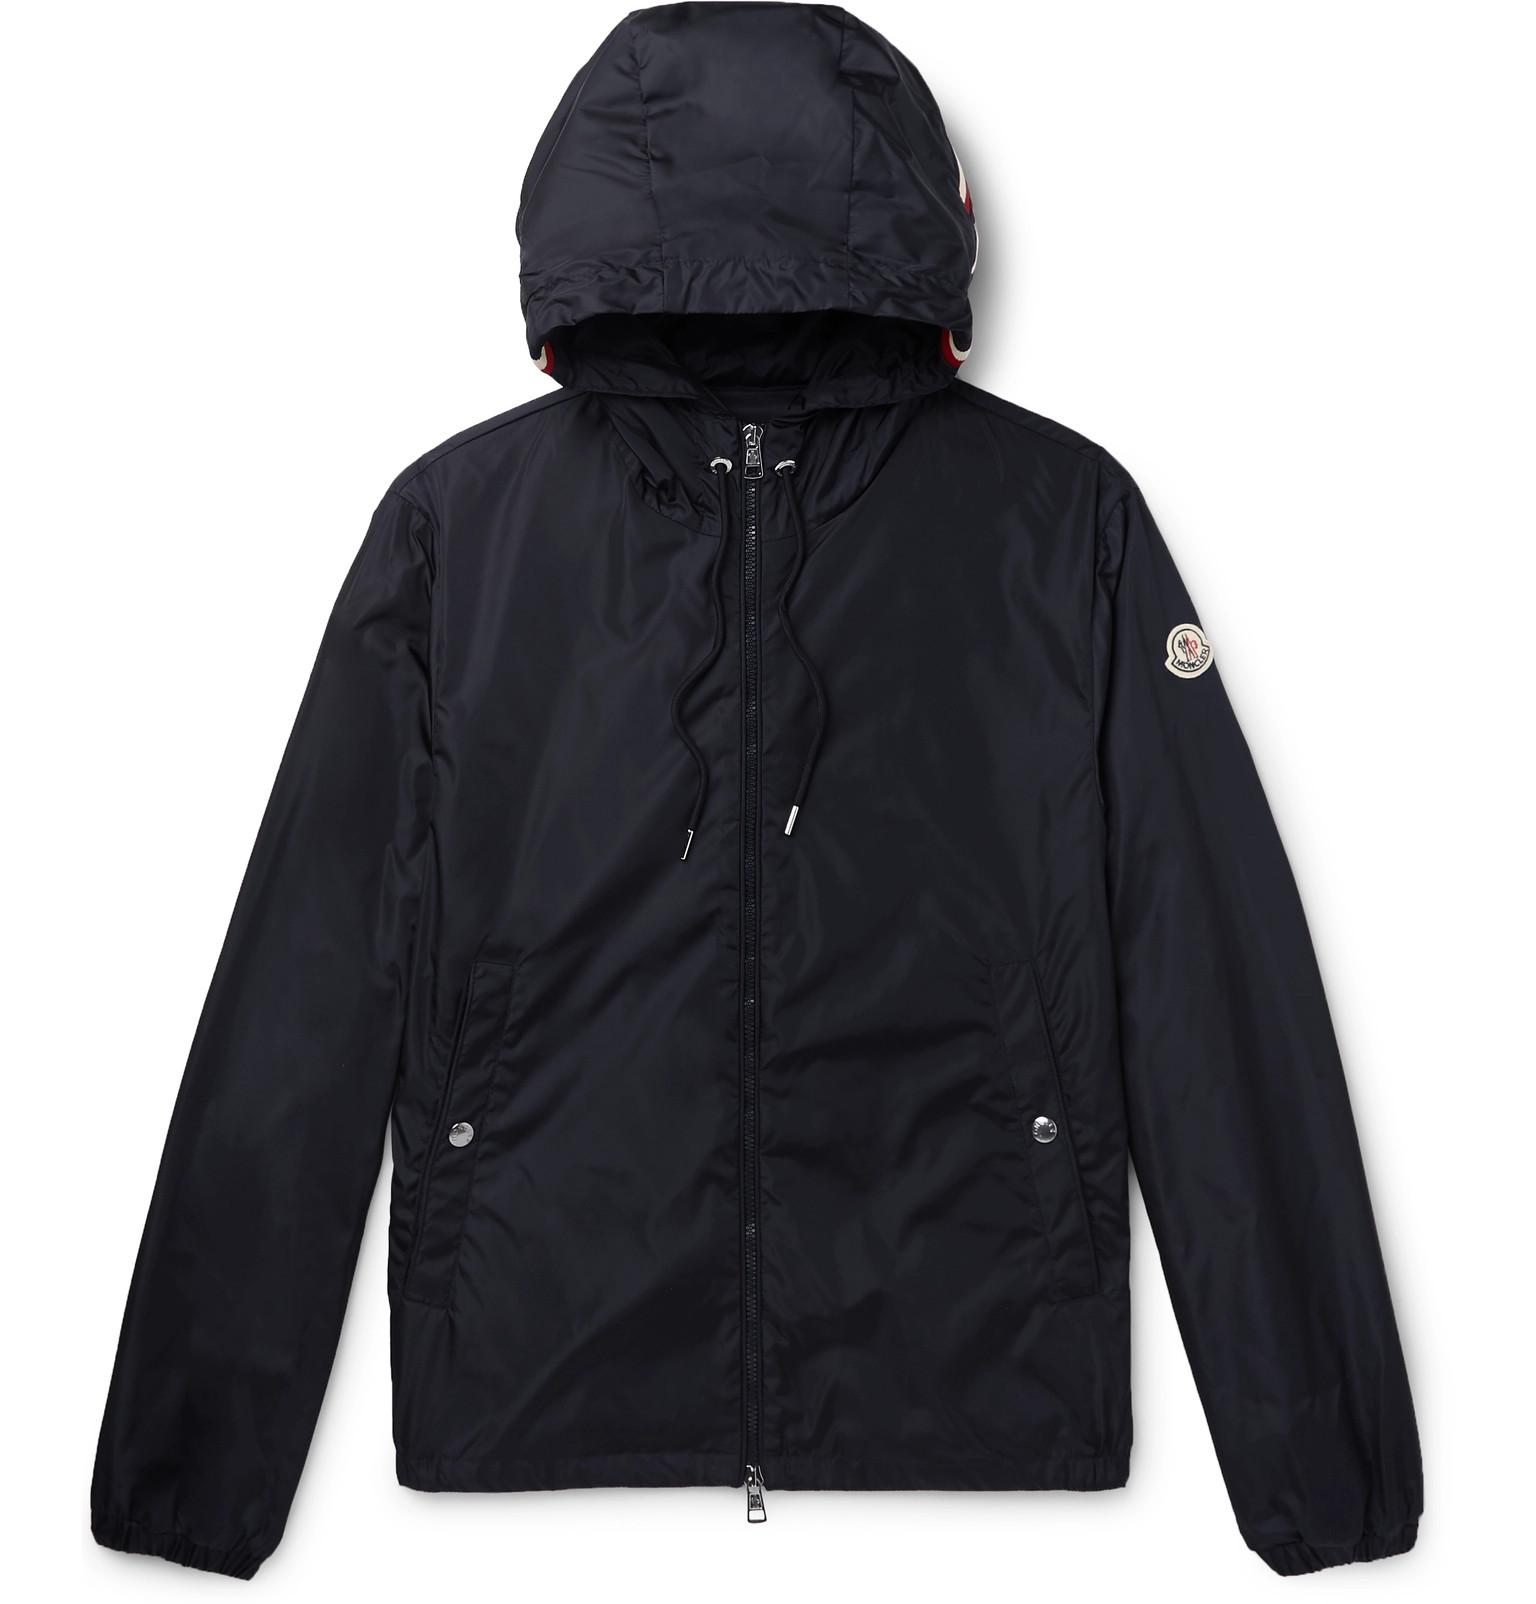 f695b2bac Moncler - Grimpeurs Stripe-Trimmed Nylon Hooded Jacket